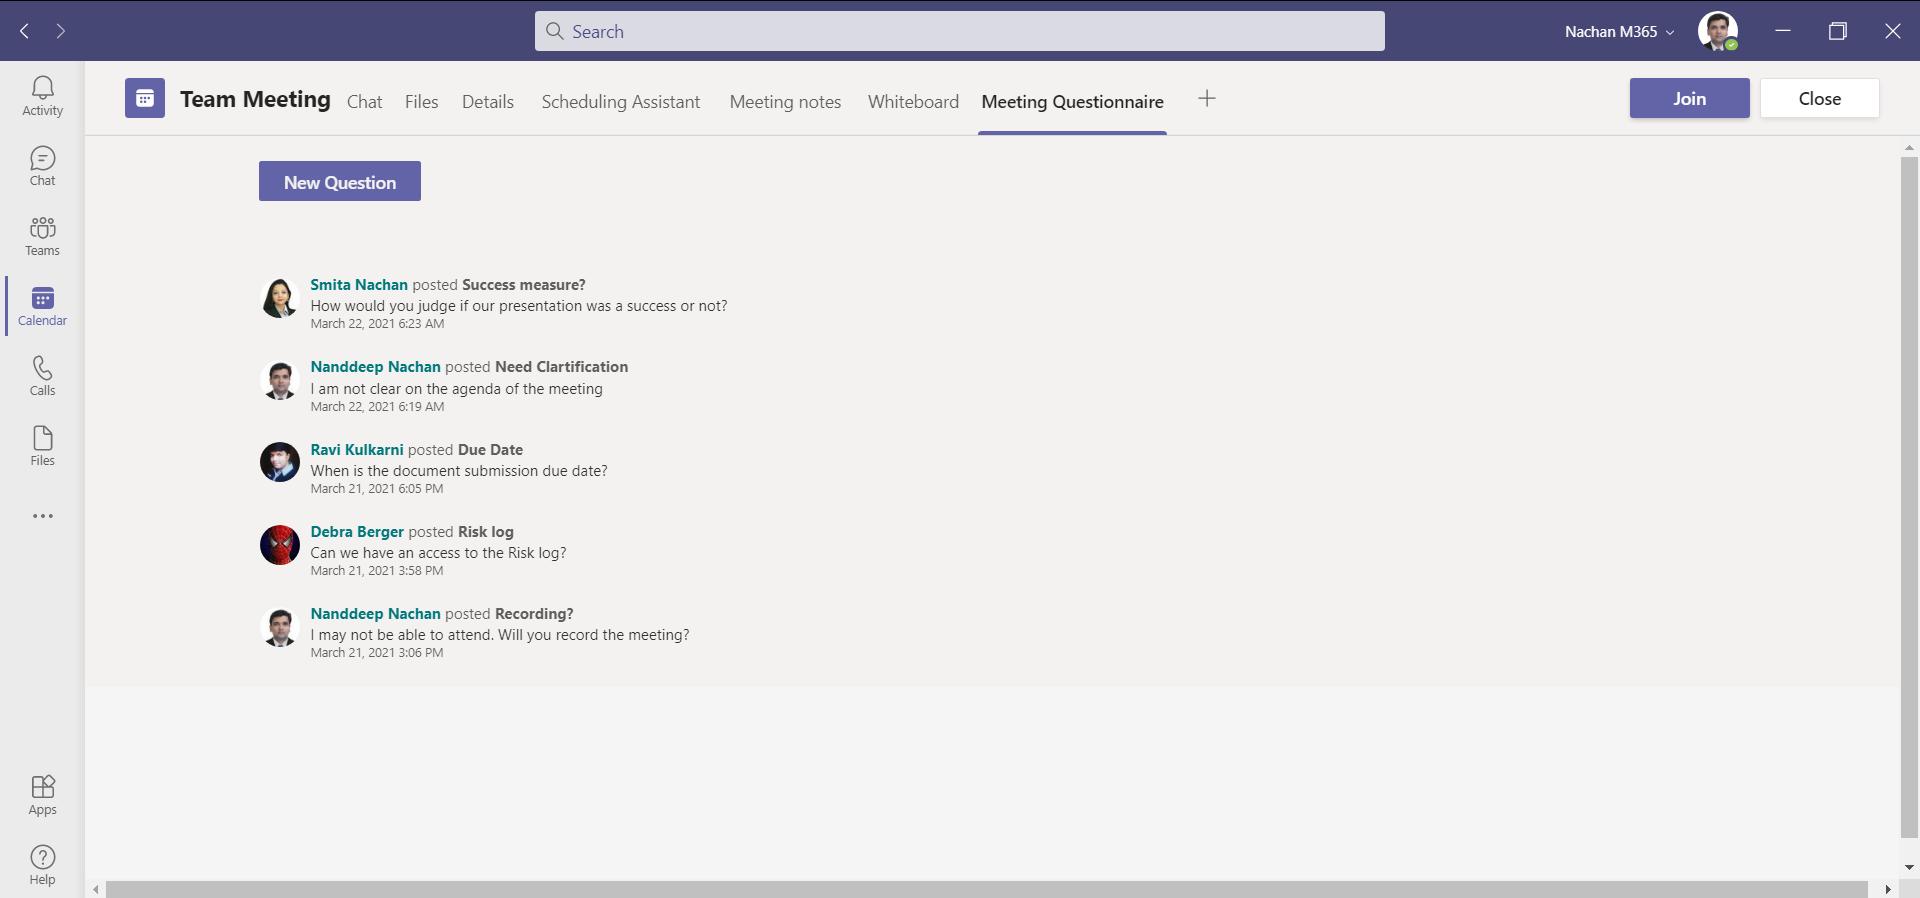 Questionnaire Preview